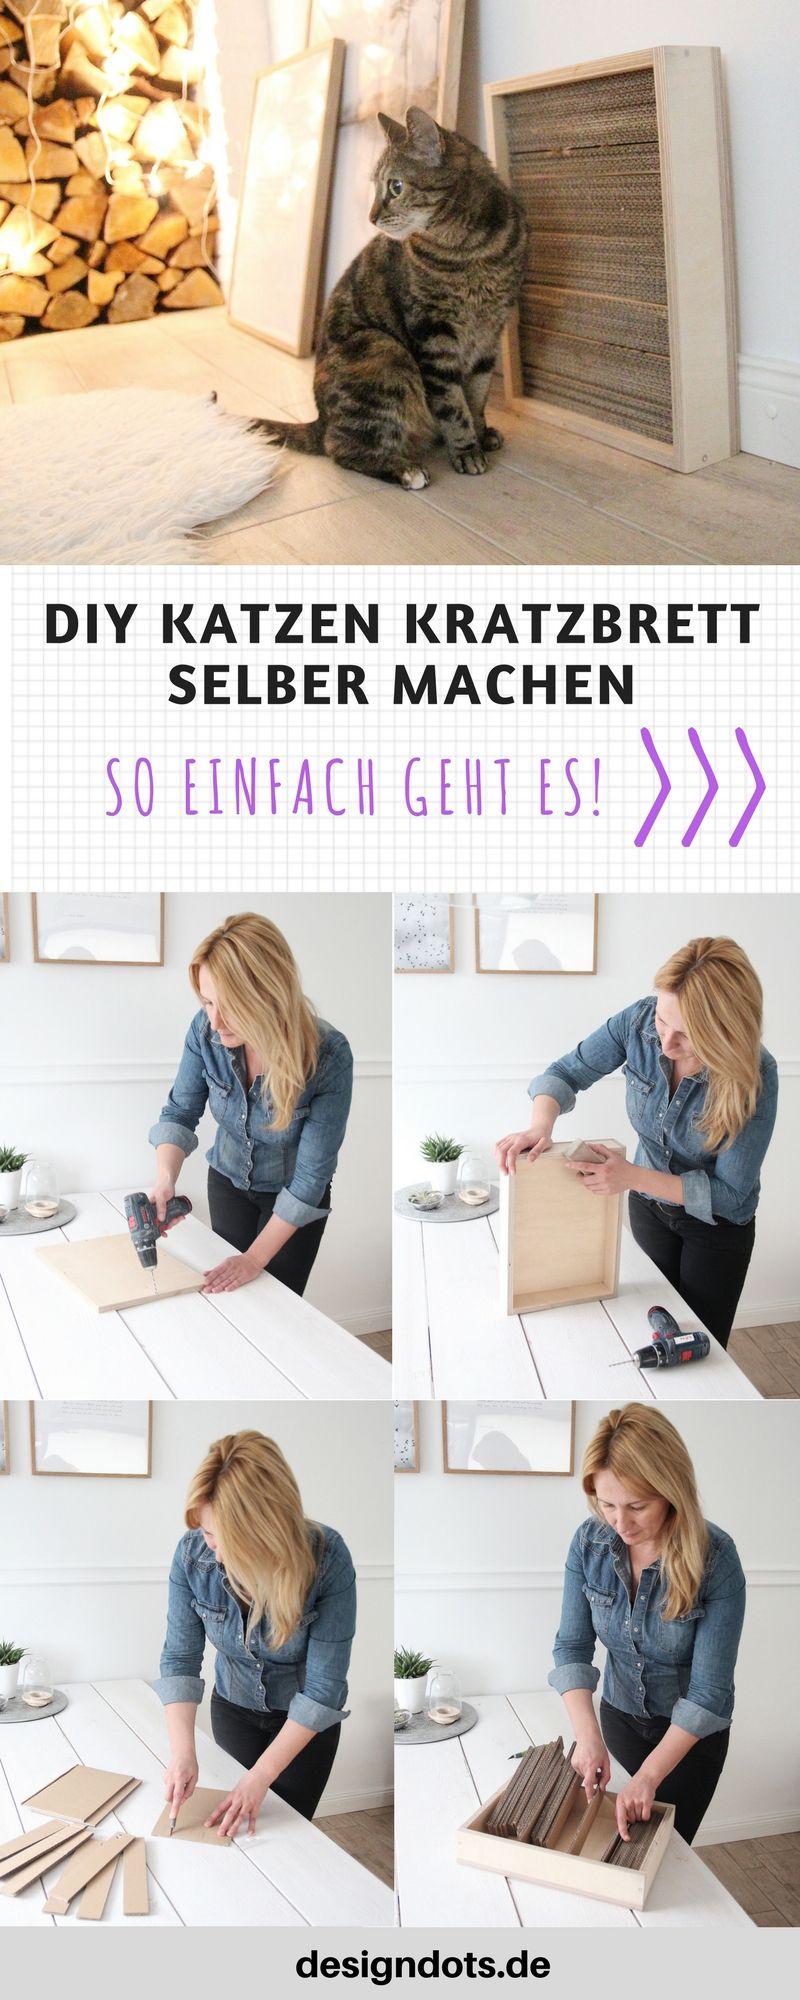 diy katzen kratzbrett selber machen diy m bel selber bauen und. Black Bedroom Furniture Sets. Home Design Ideas